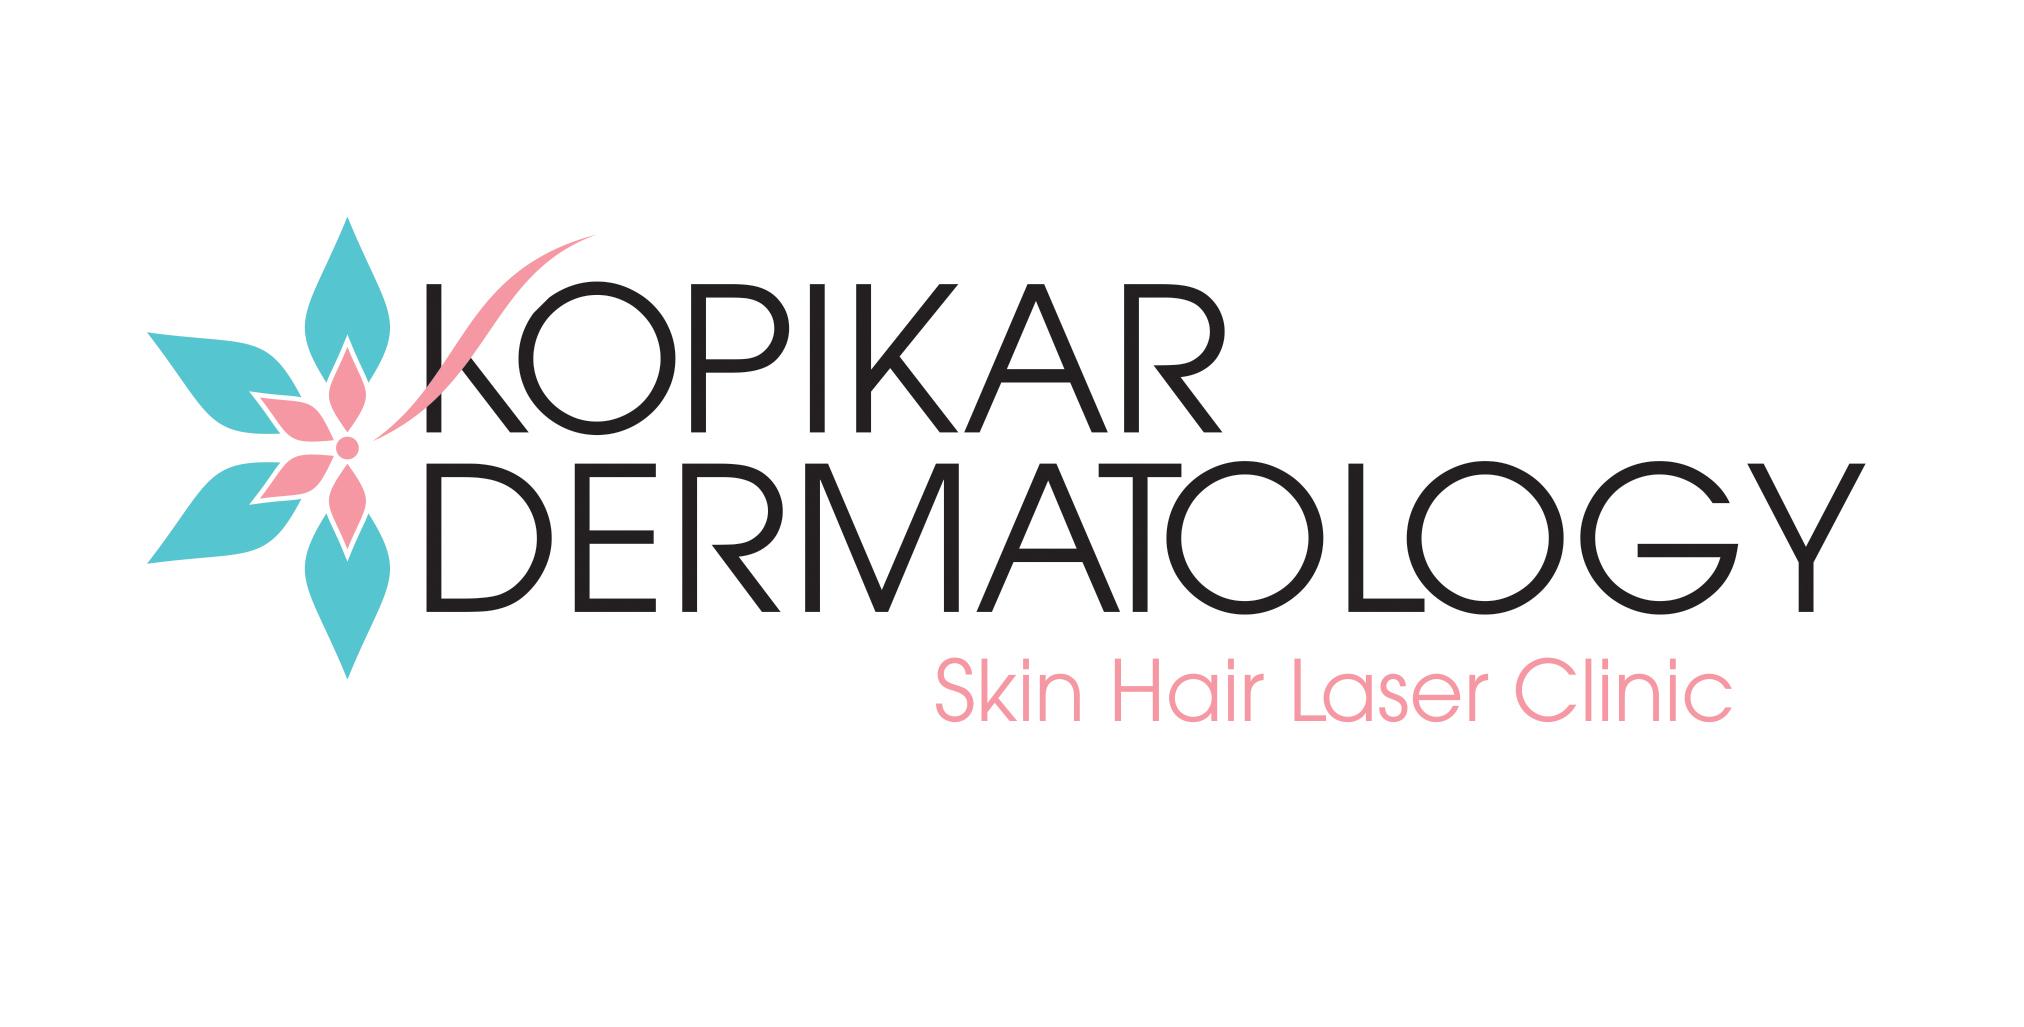 Kopikar Dermatology